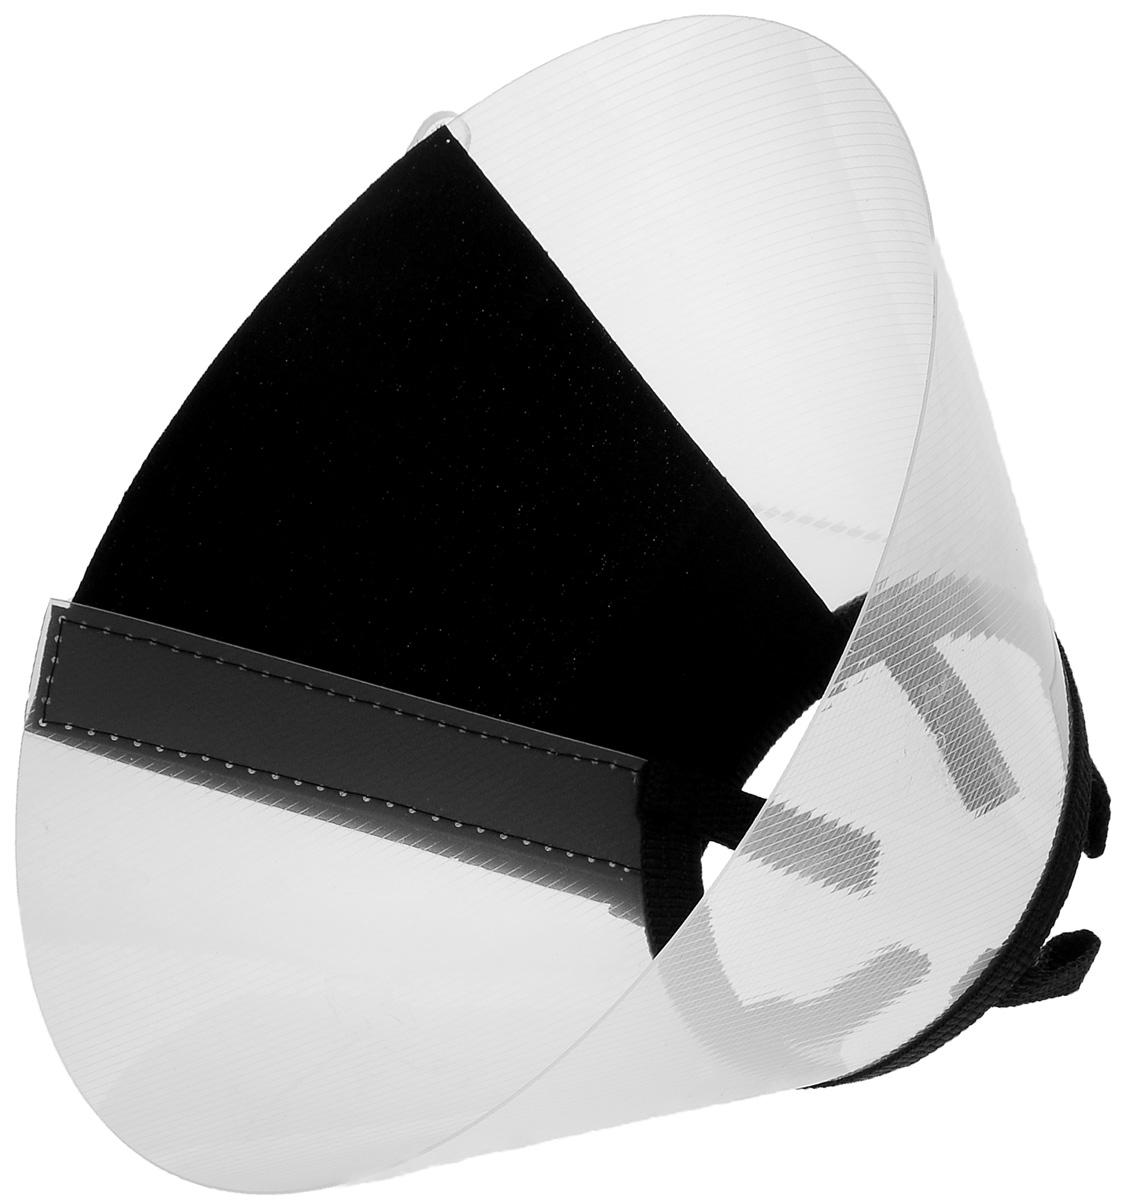 Воротник защитный Талисмед, на липучке, обхват шеи 24-29 см24851Защитный воротник Талисмед изготовлен из высококачественного нетоксичного пластика, который позволяет сохранять углы обзора для животного. Изделие разработано для ограничения доступа собаки к заживающей ране или послеоперационному шву. Простота в эксплуатации позволяет хозяевам самостоятельно одевать и снимать защитный воротник с собаки. Воротник крепится закрепляется при помощи липучки.Обхват шеи: 24-29 см.Высота воротника: 10,5 см.